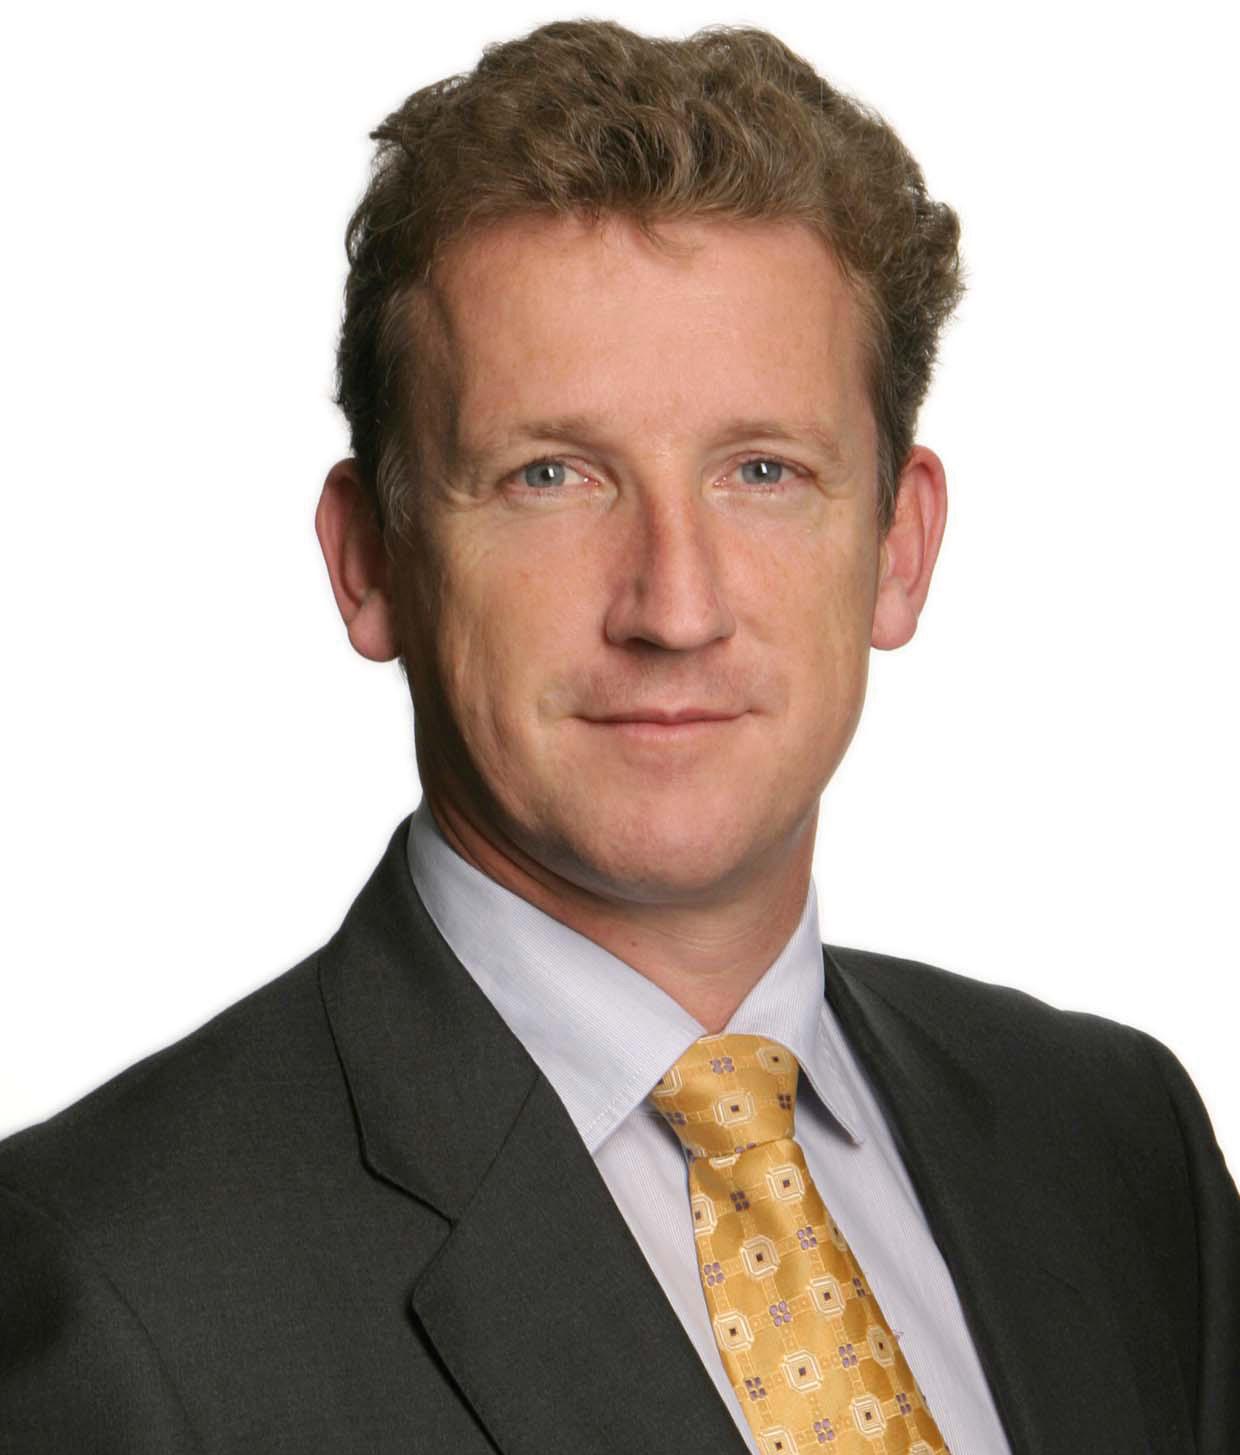 Bryan Hughes, chief executive at Eversheds